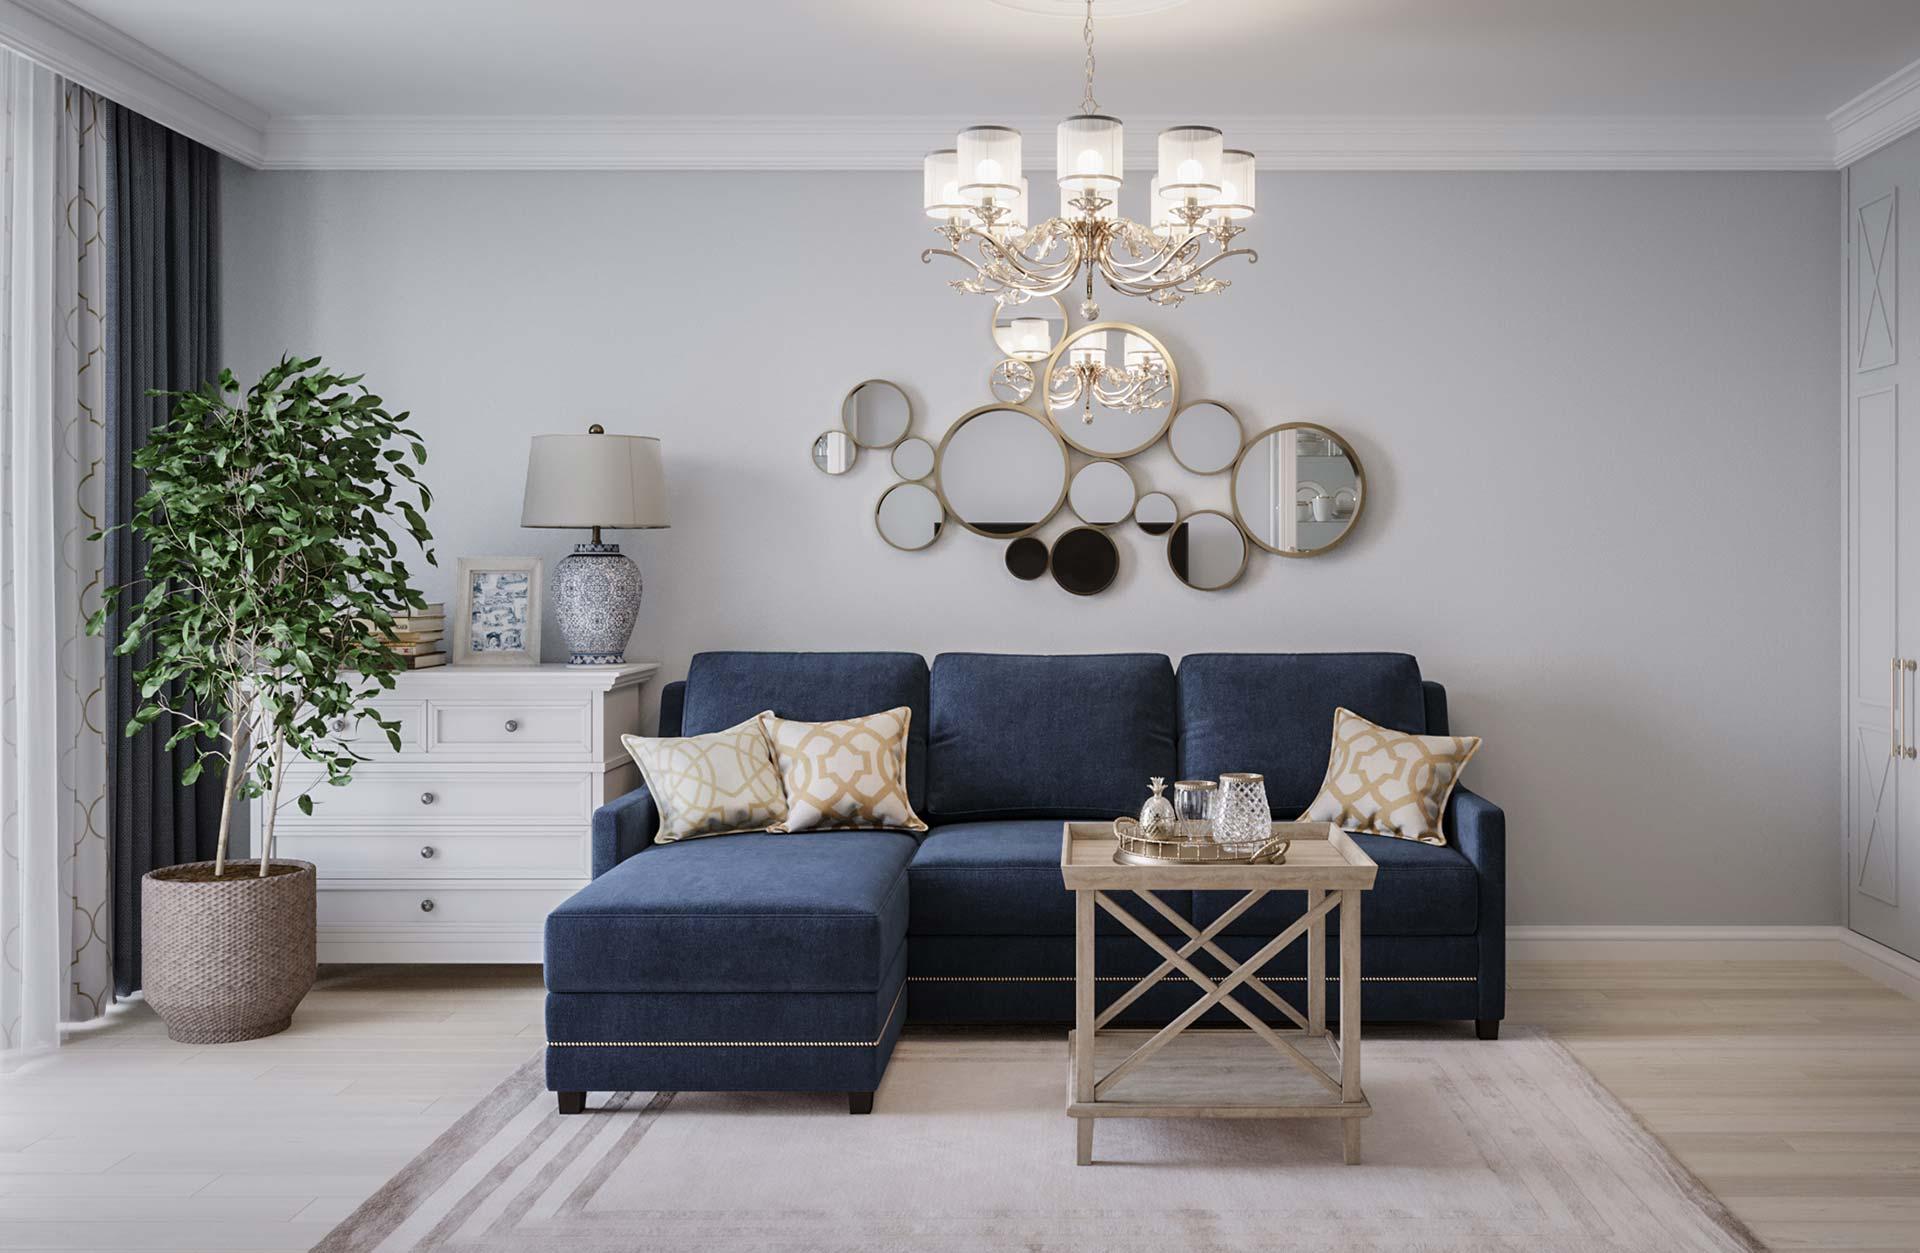 Дизайн интерьера квартиры в ЖК Марьино Град